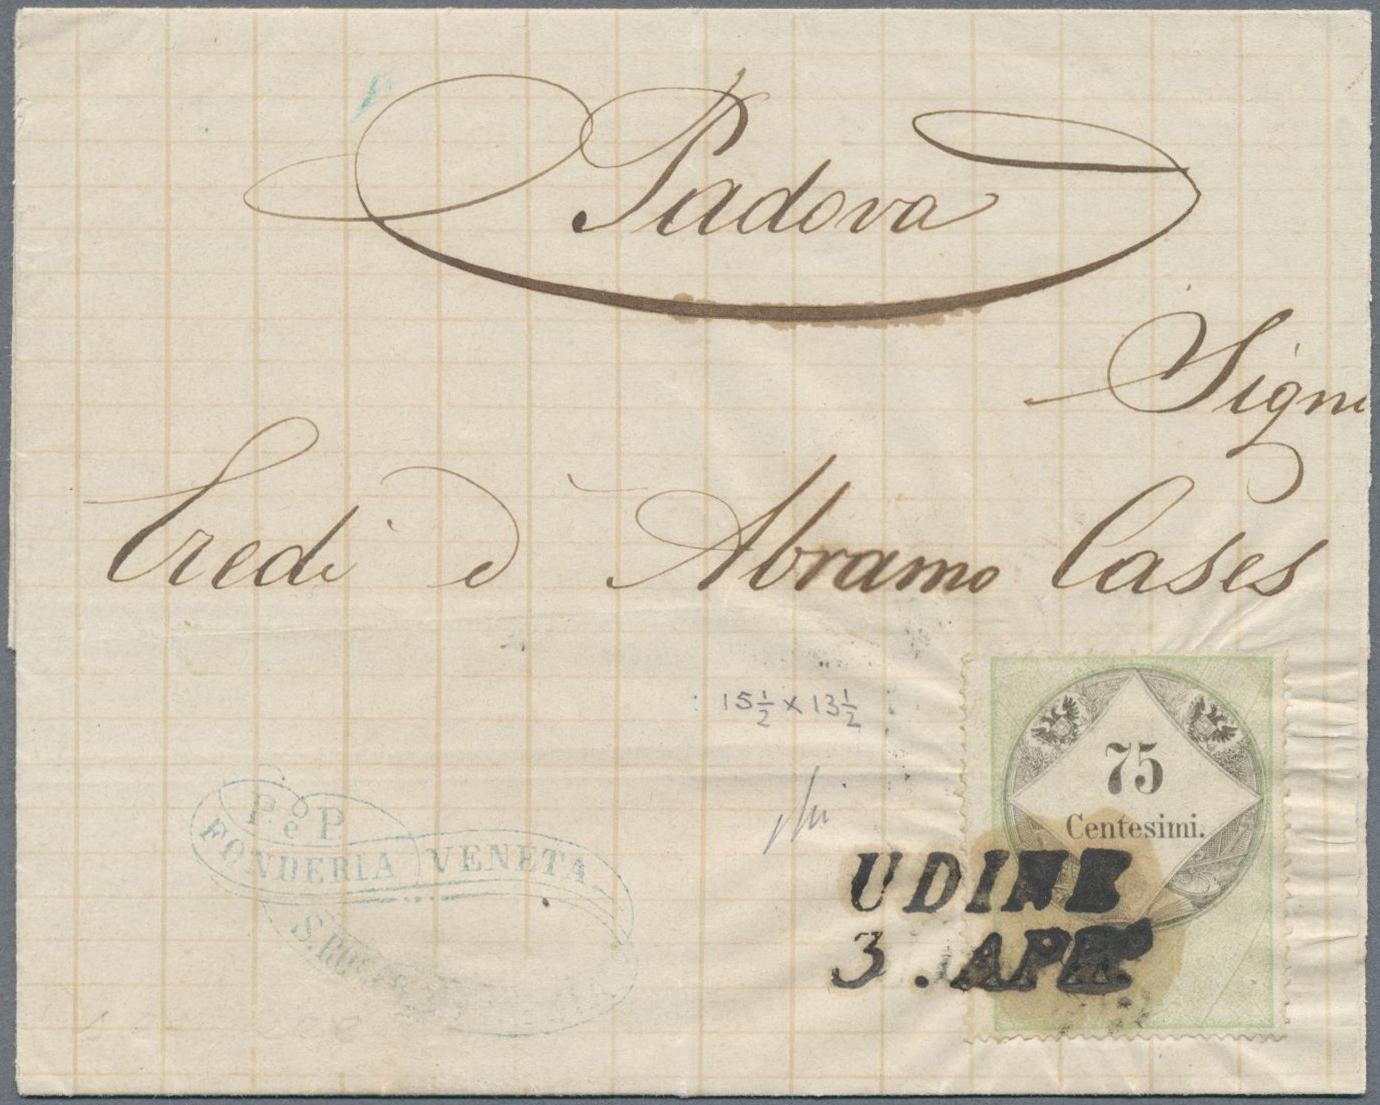 Lot 18171 - Österreich - Lombardei und Venetien - Stempelmarken  -  Auktionshaus Christoph Gärtner GmbH & Co. KG Single lots Philately Overseas & Europe. Auction #39 Day 4